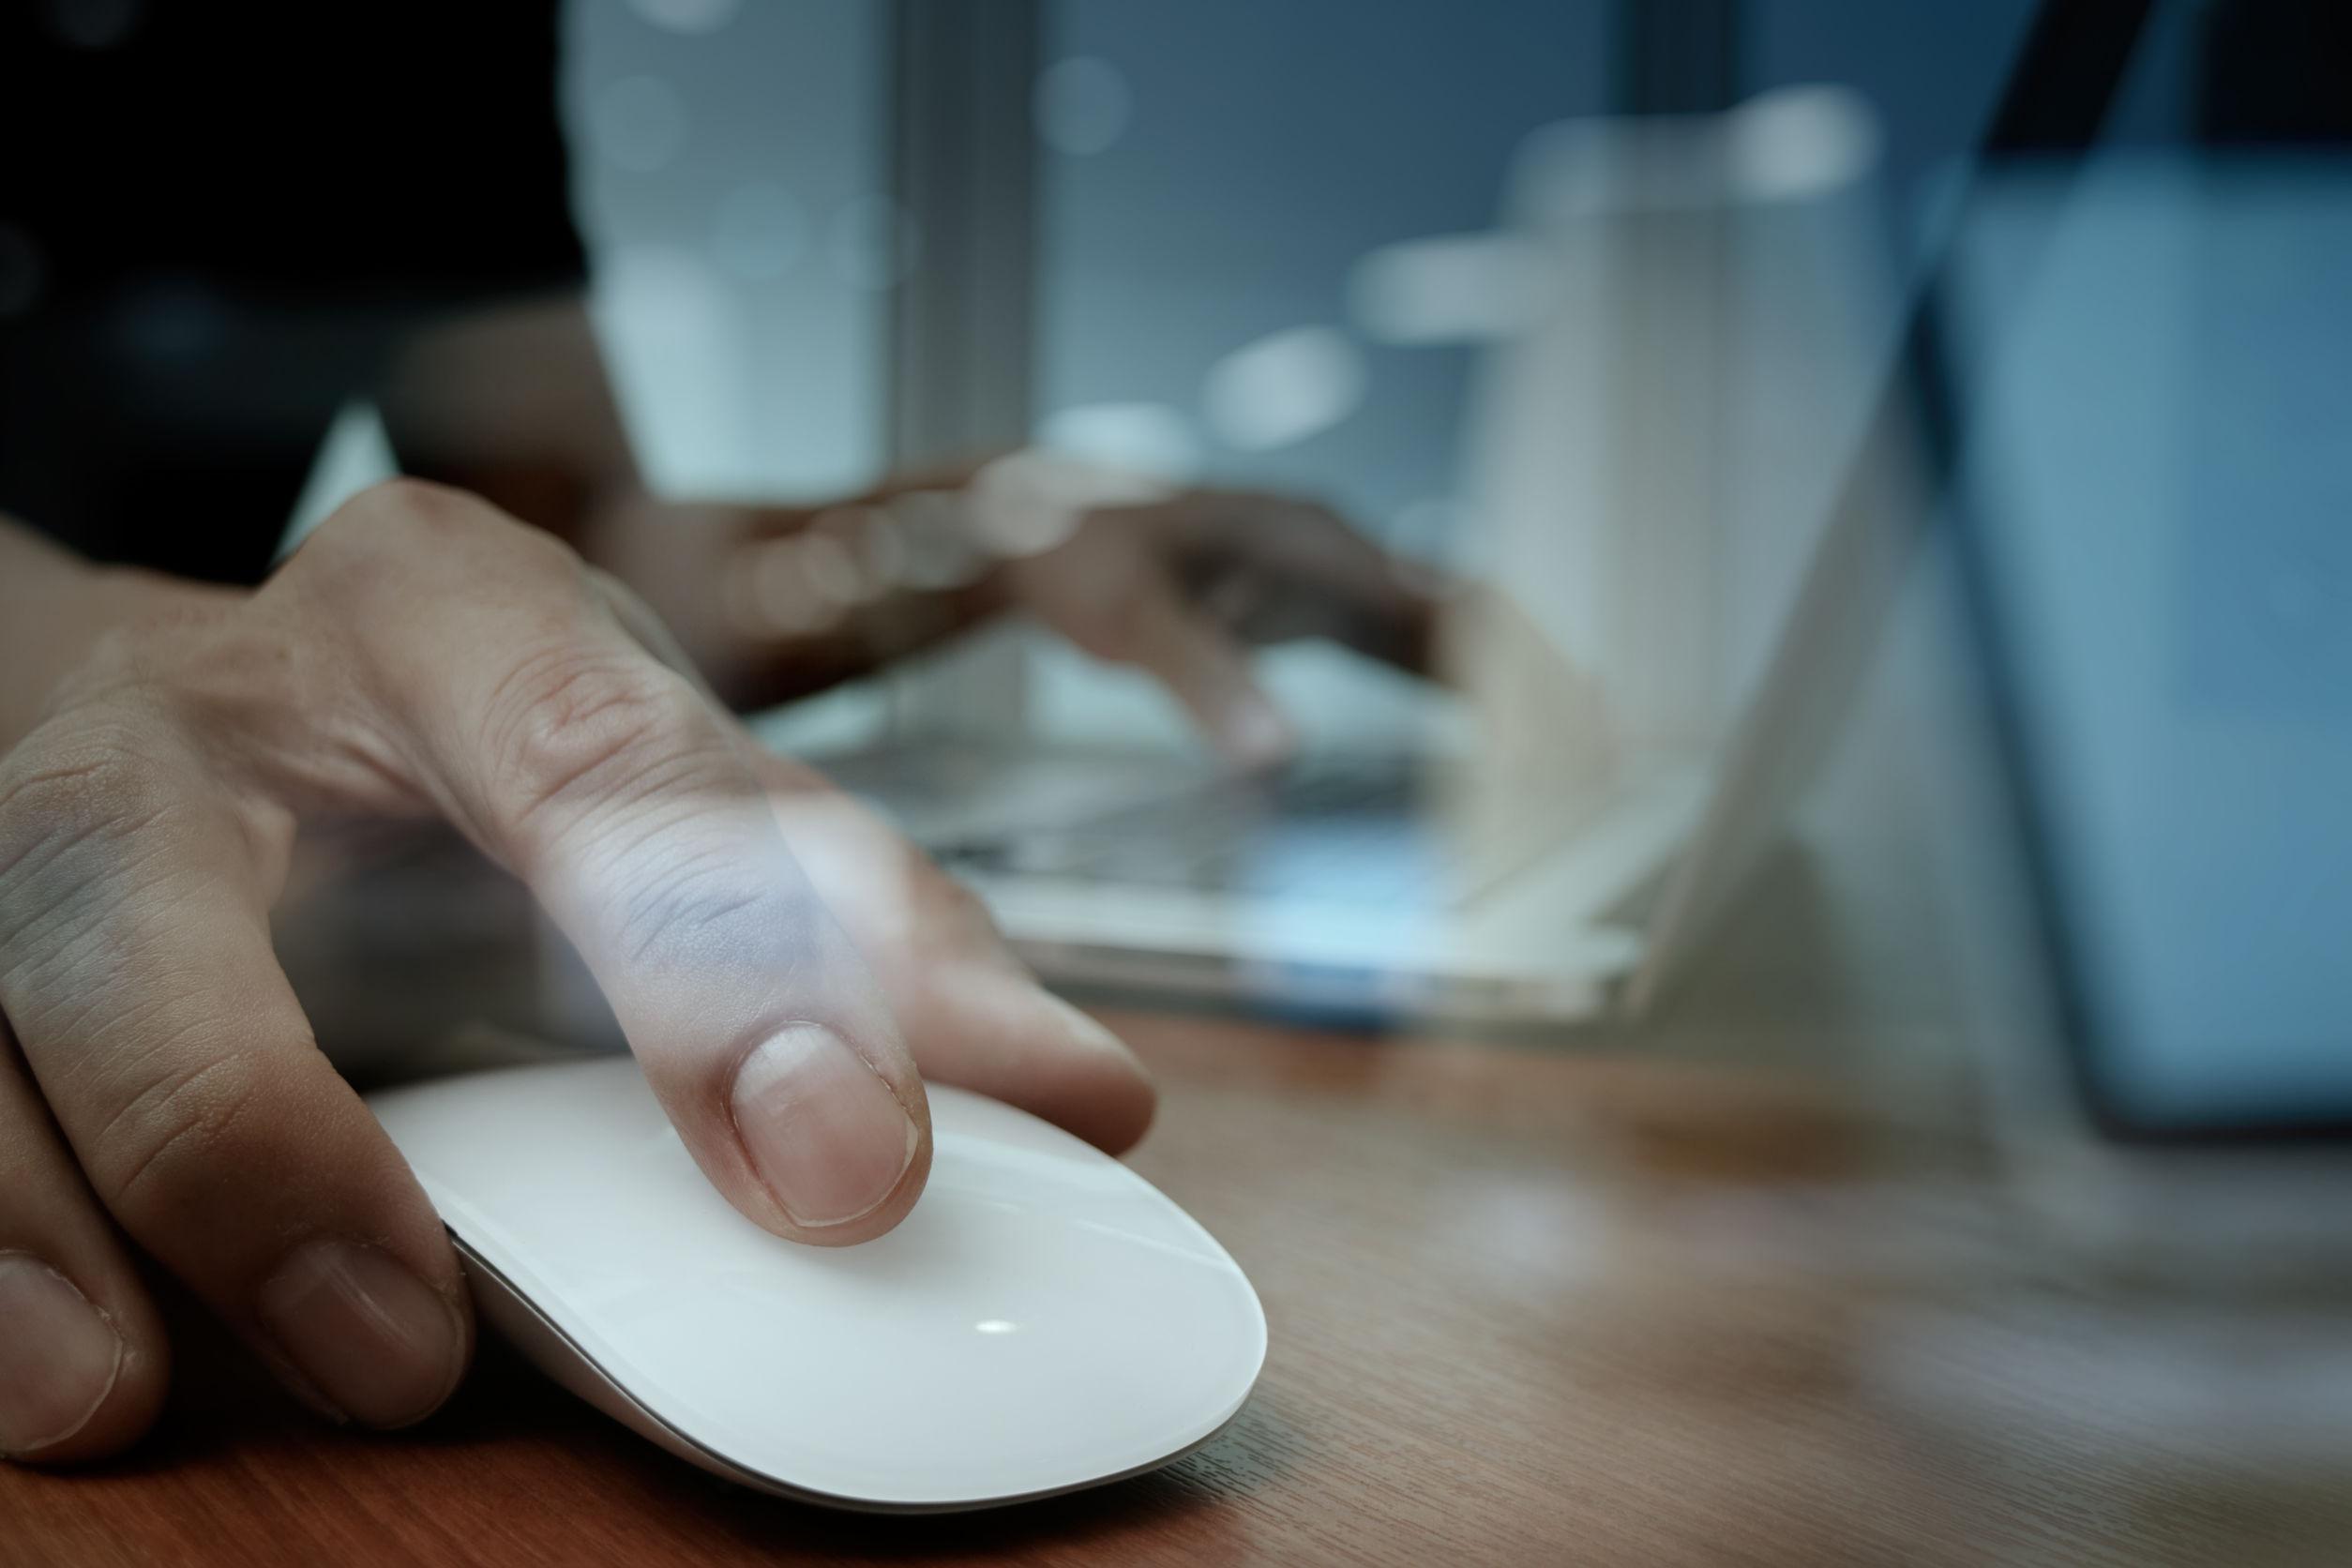 Öka tillgängligheten på webben